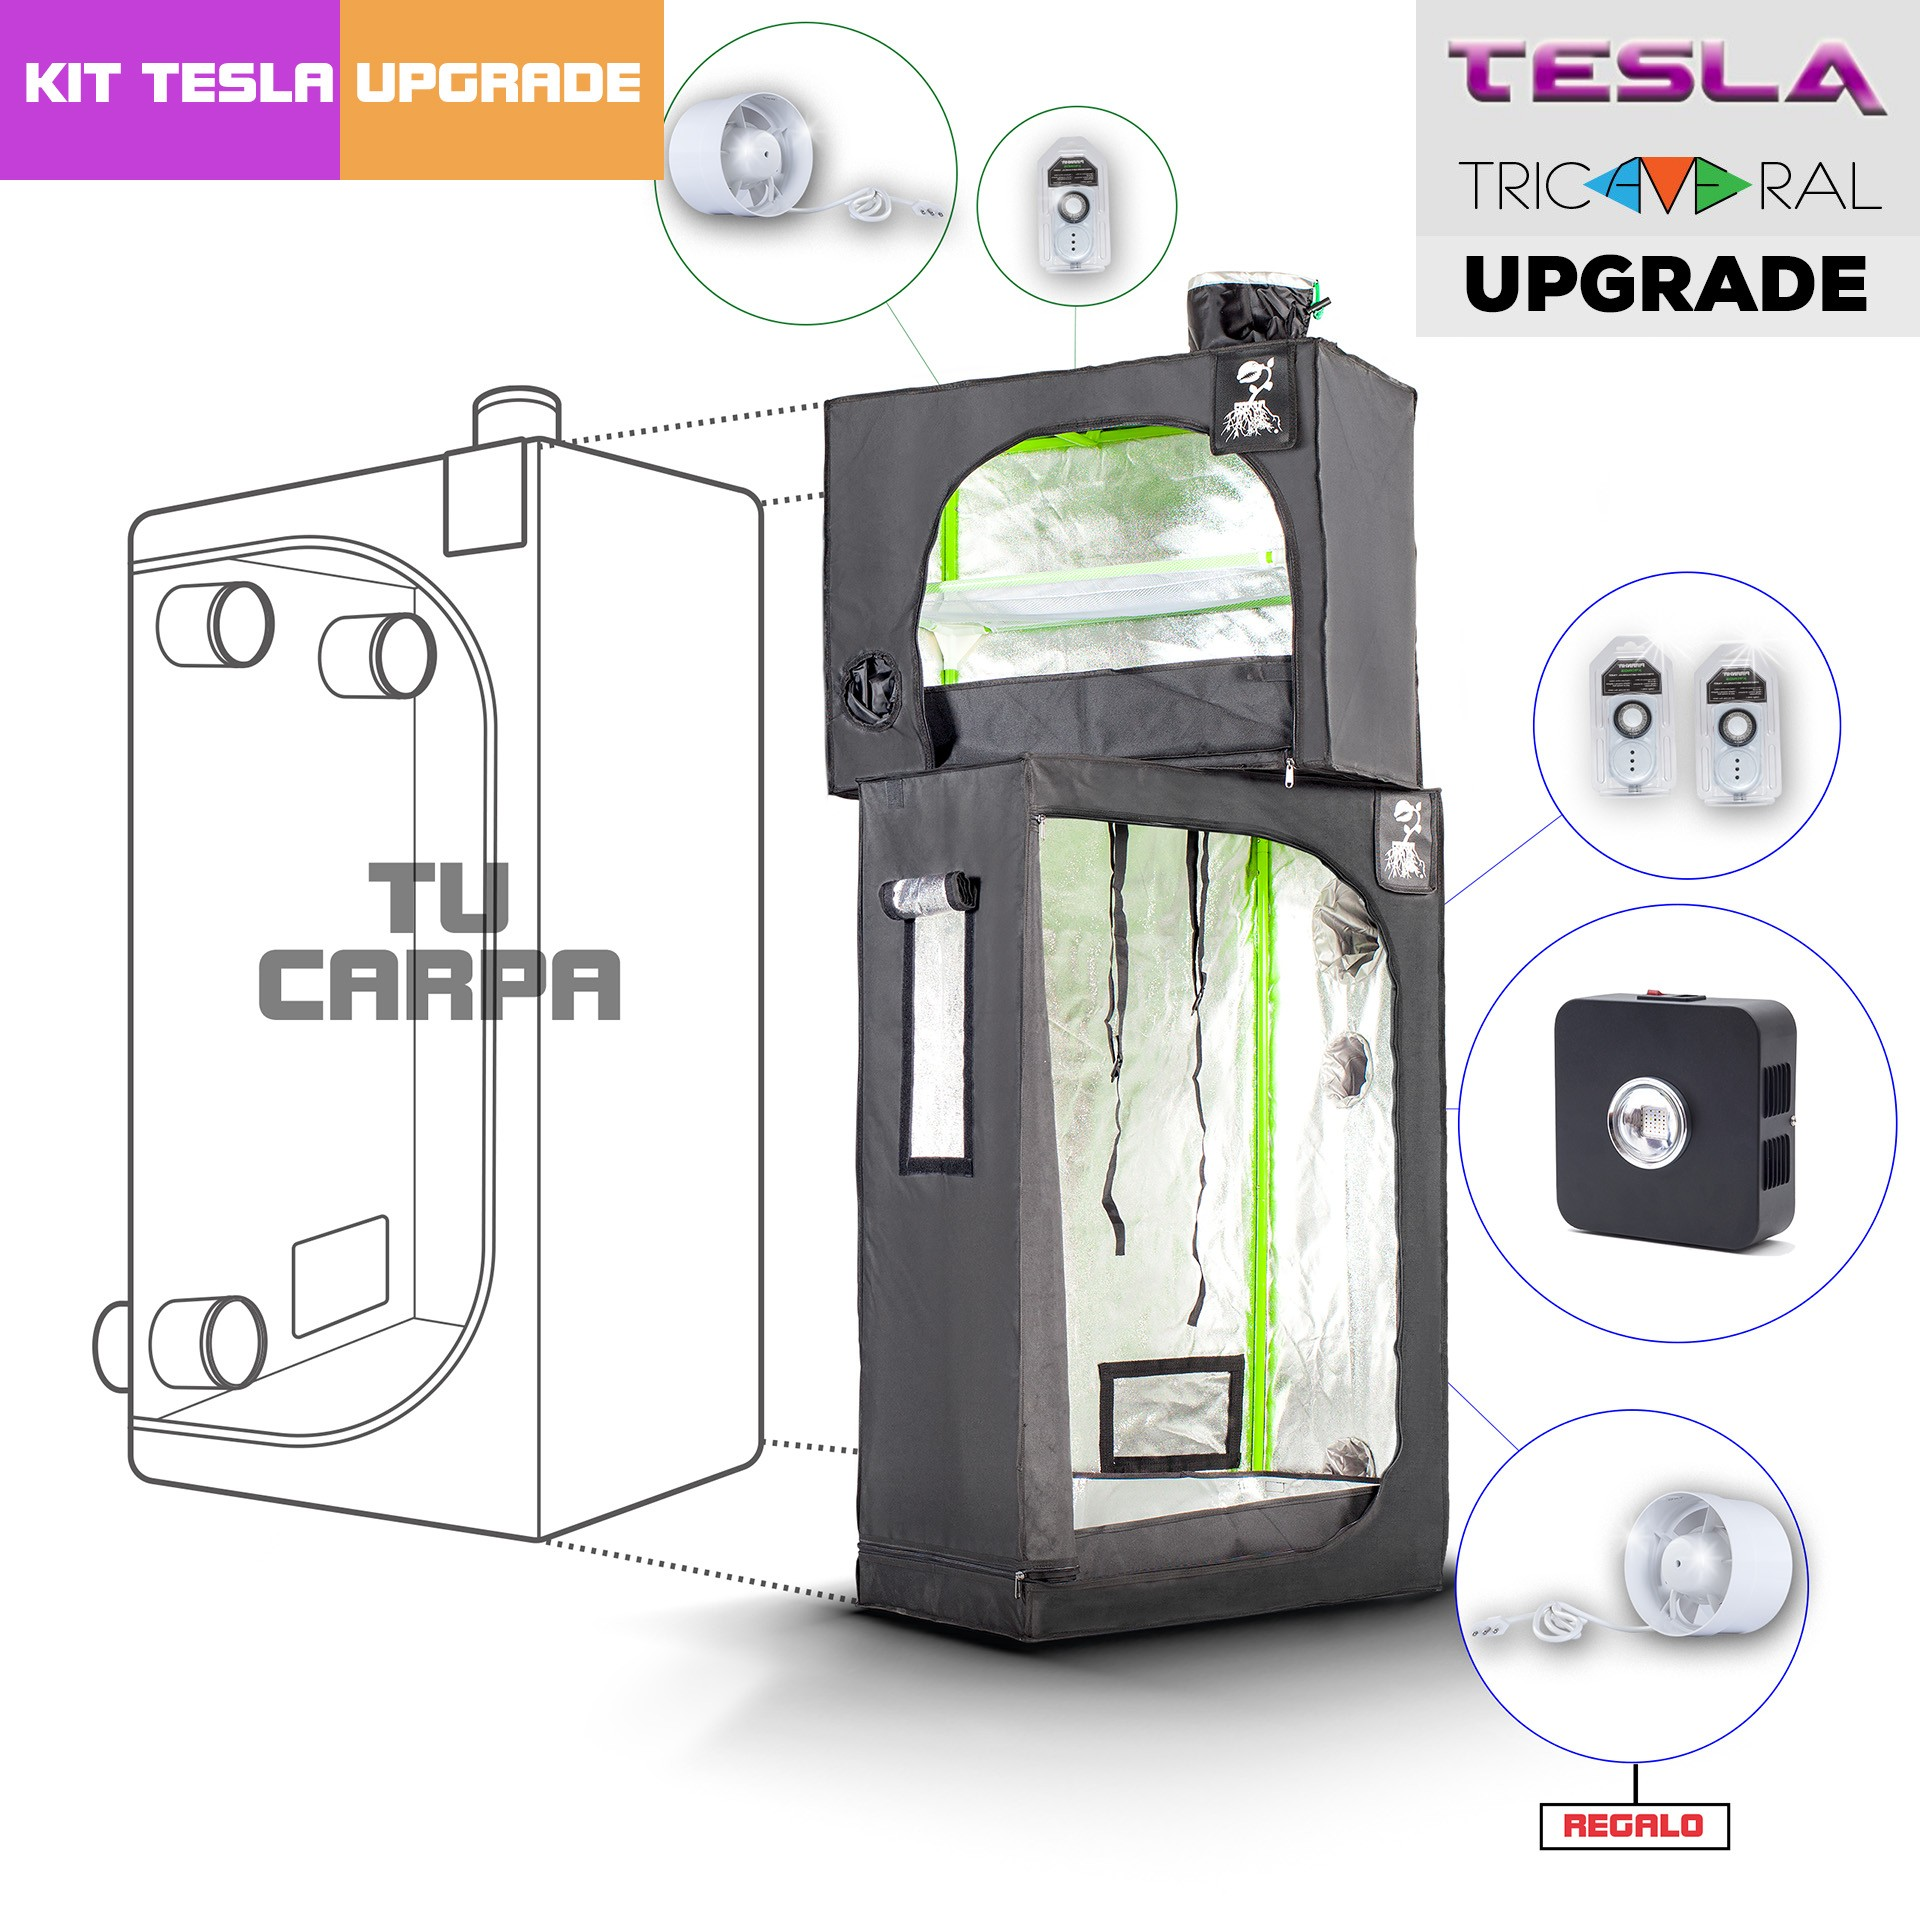 Upgrade Tricameral Tesla